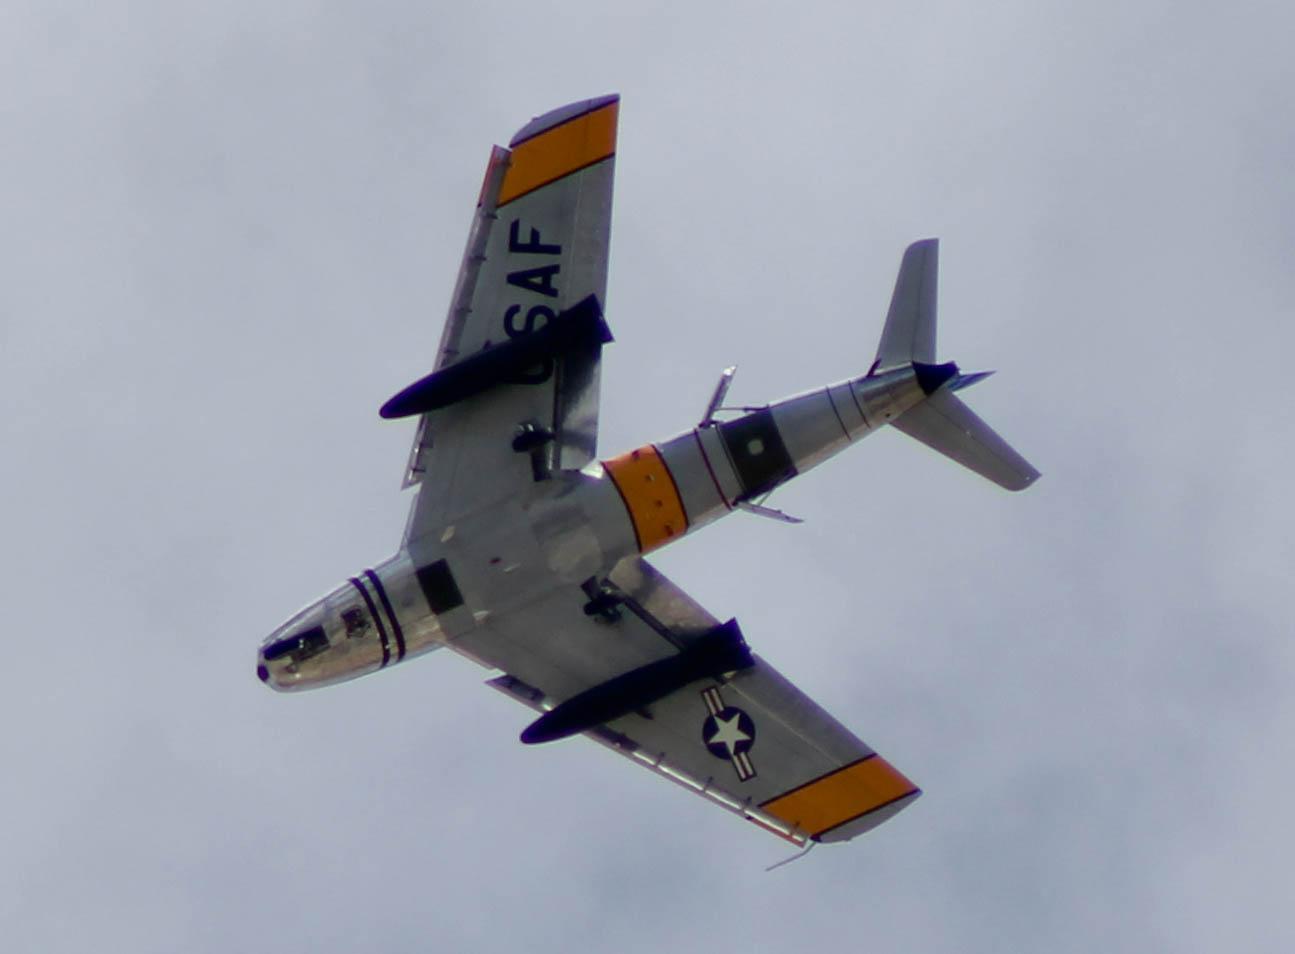 Vintage F86 Heritage Flight Training